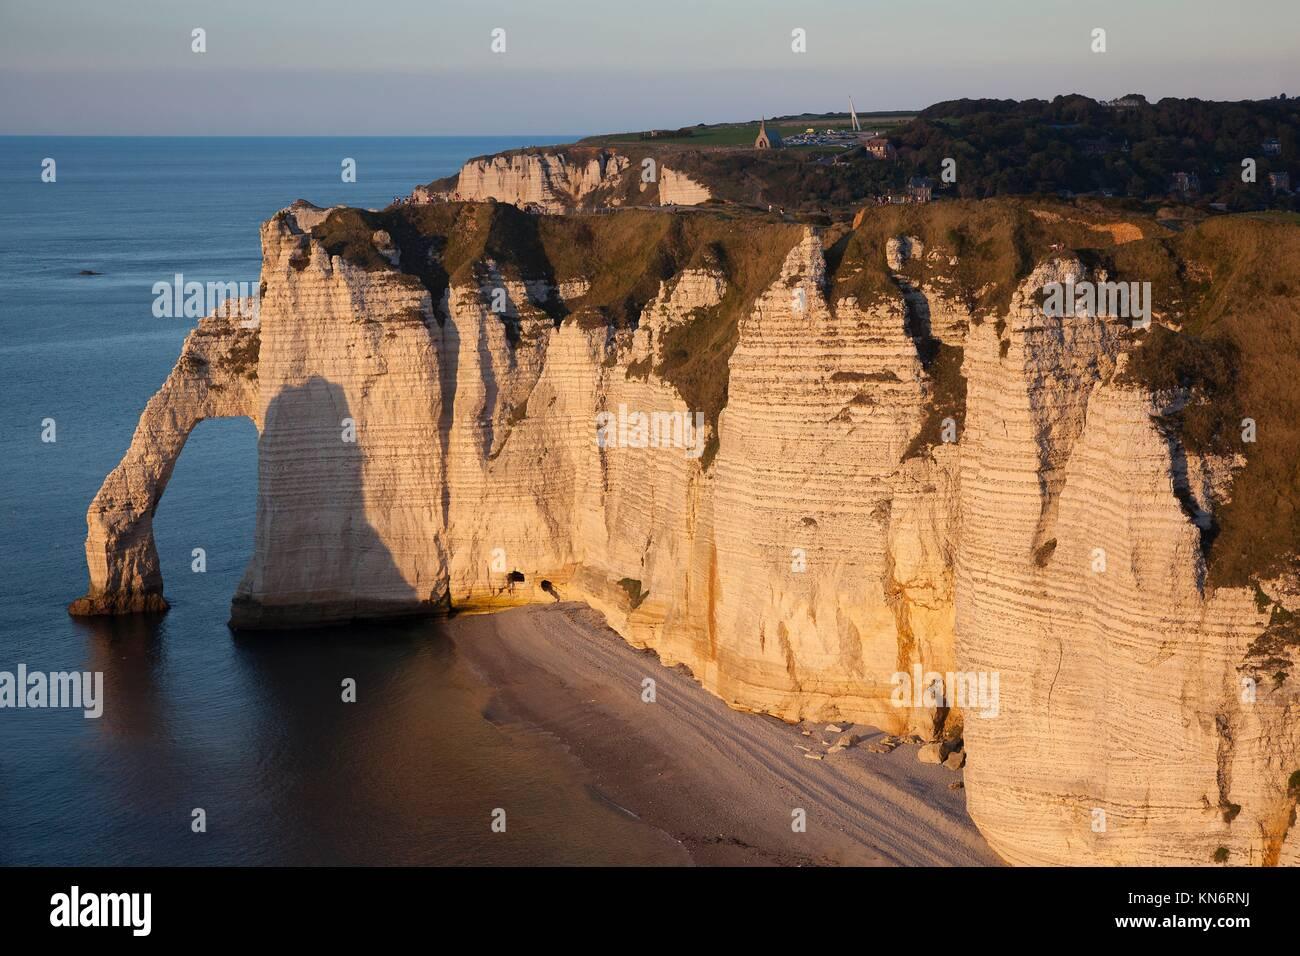 Aval cliff, Etretat, Cote d'Albatre, Pays de Caux, Seine-Maritime department, Upper Normandy region, France. - Stock Image